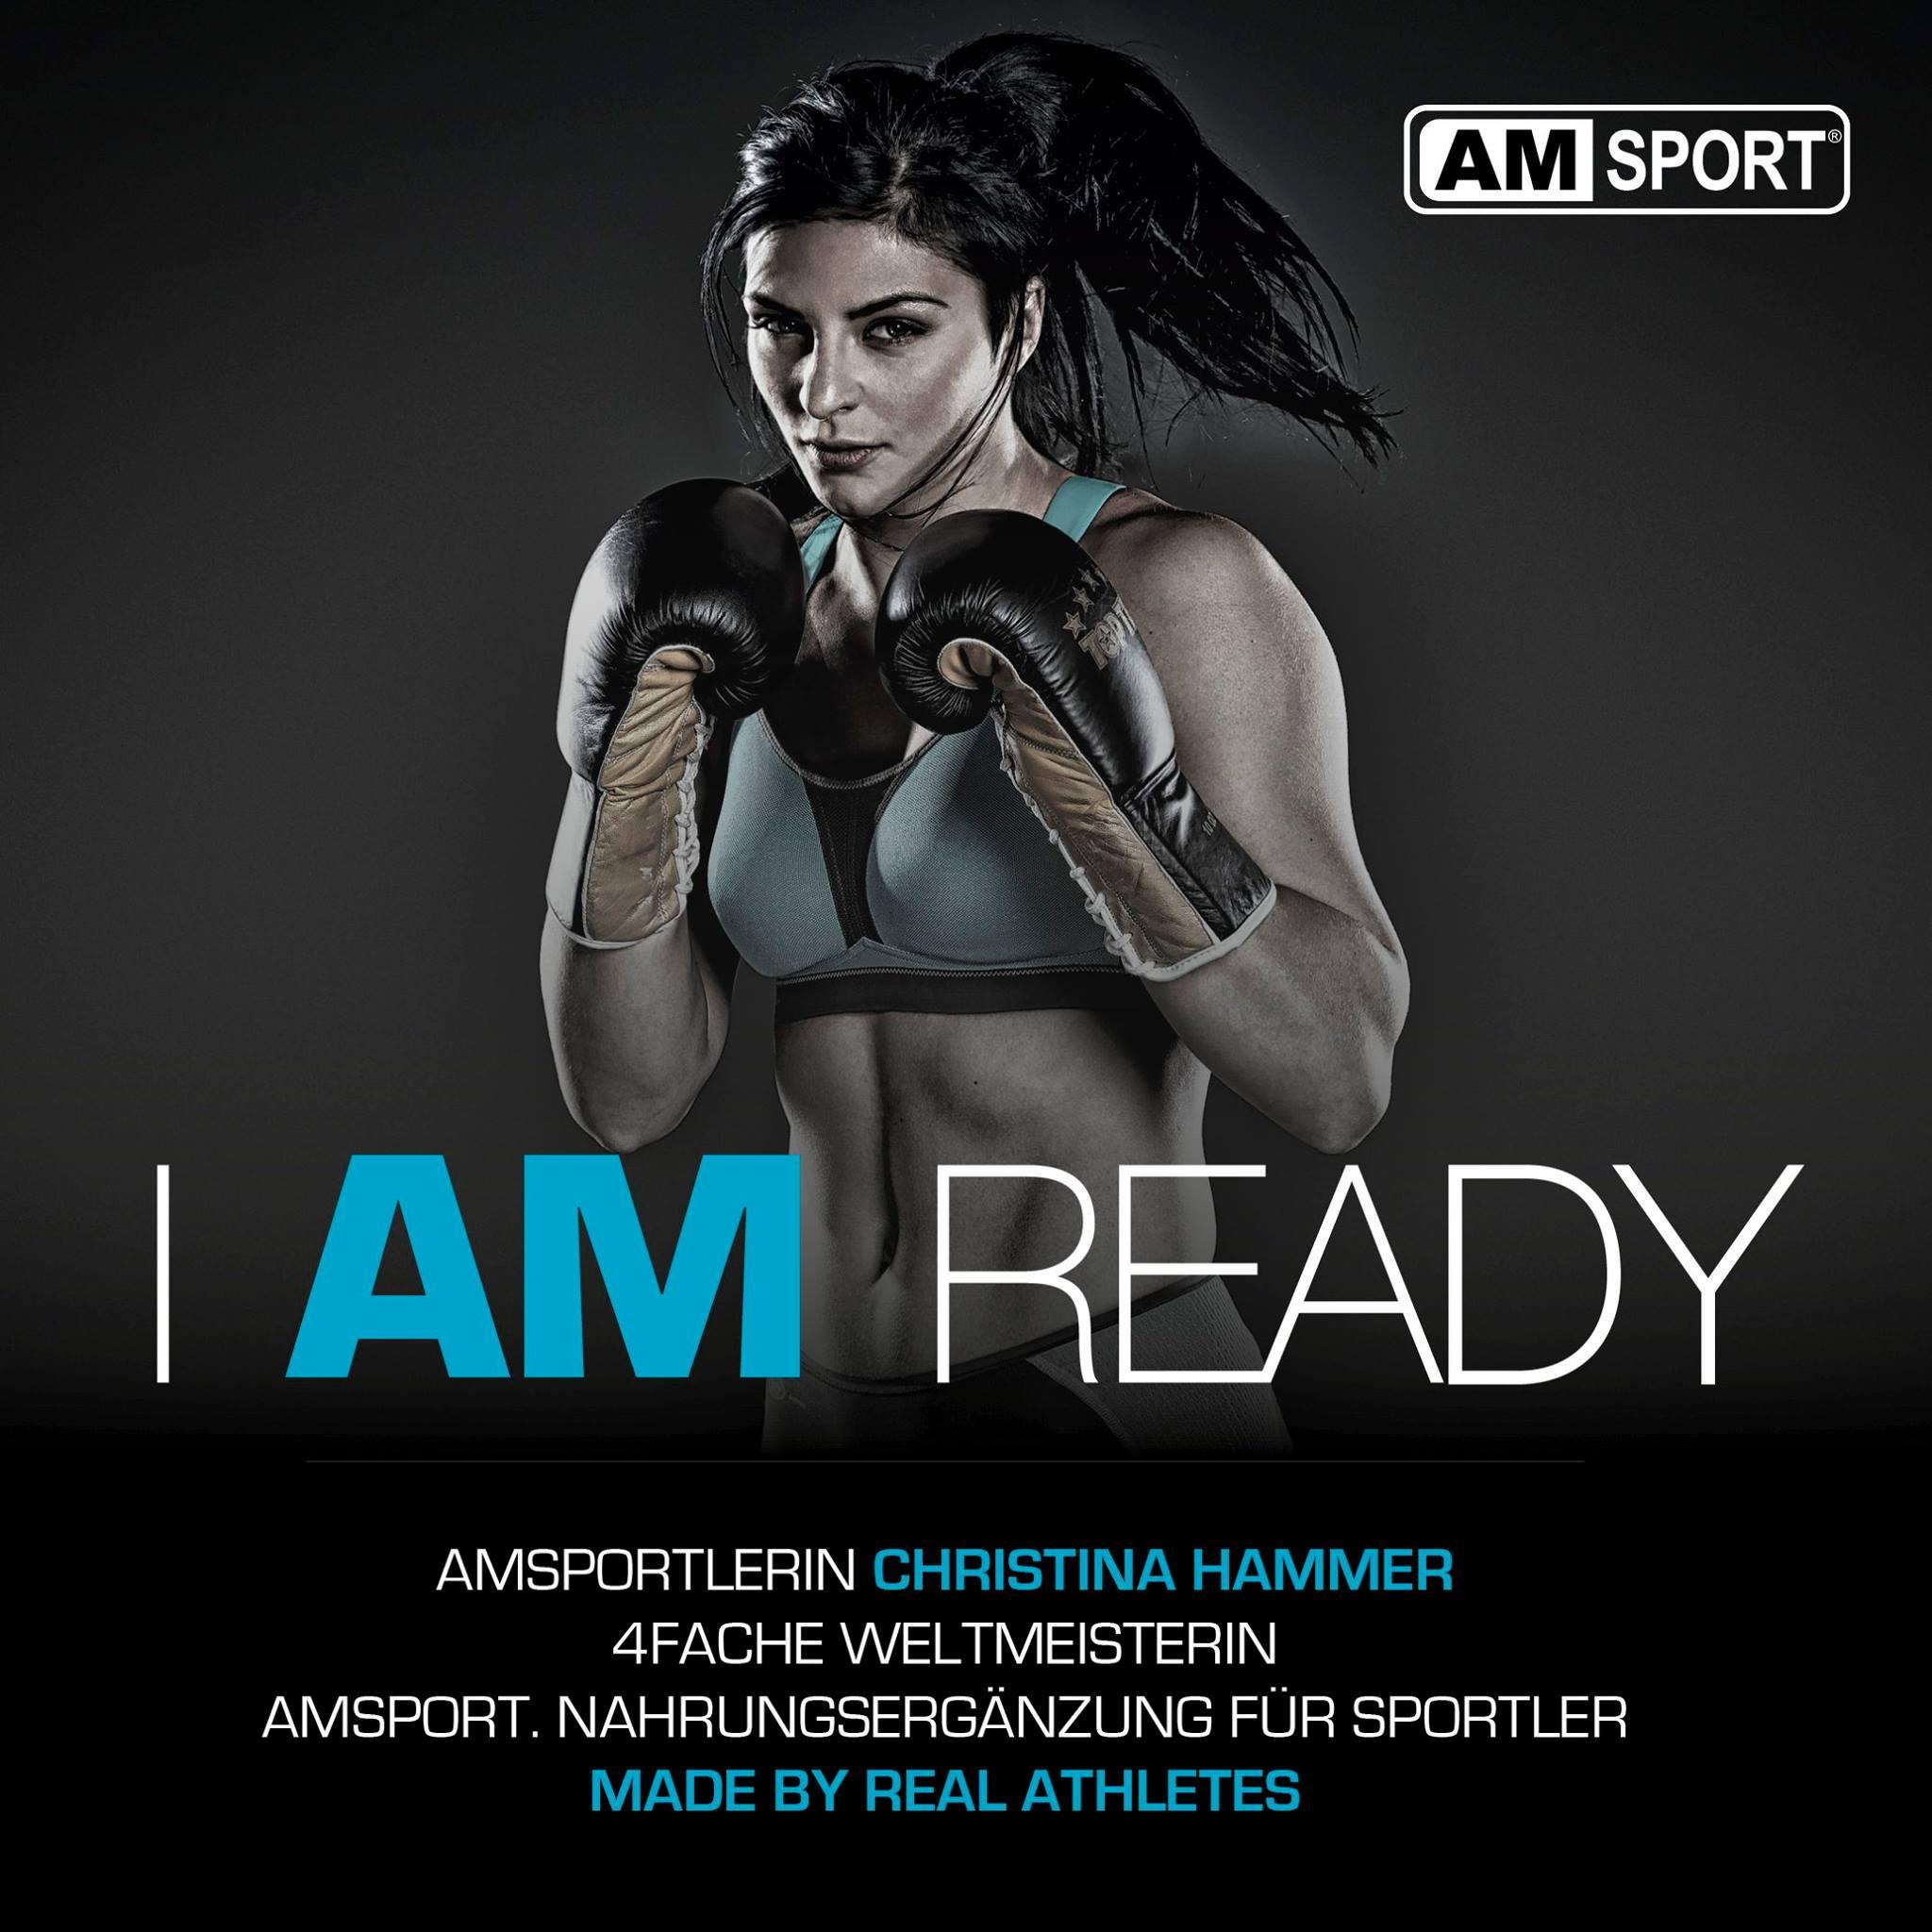 ch-hammer-boxerin-worl-champion.jpg